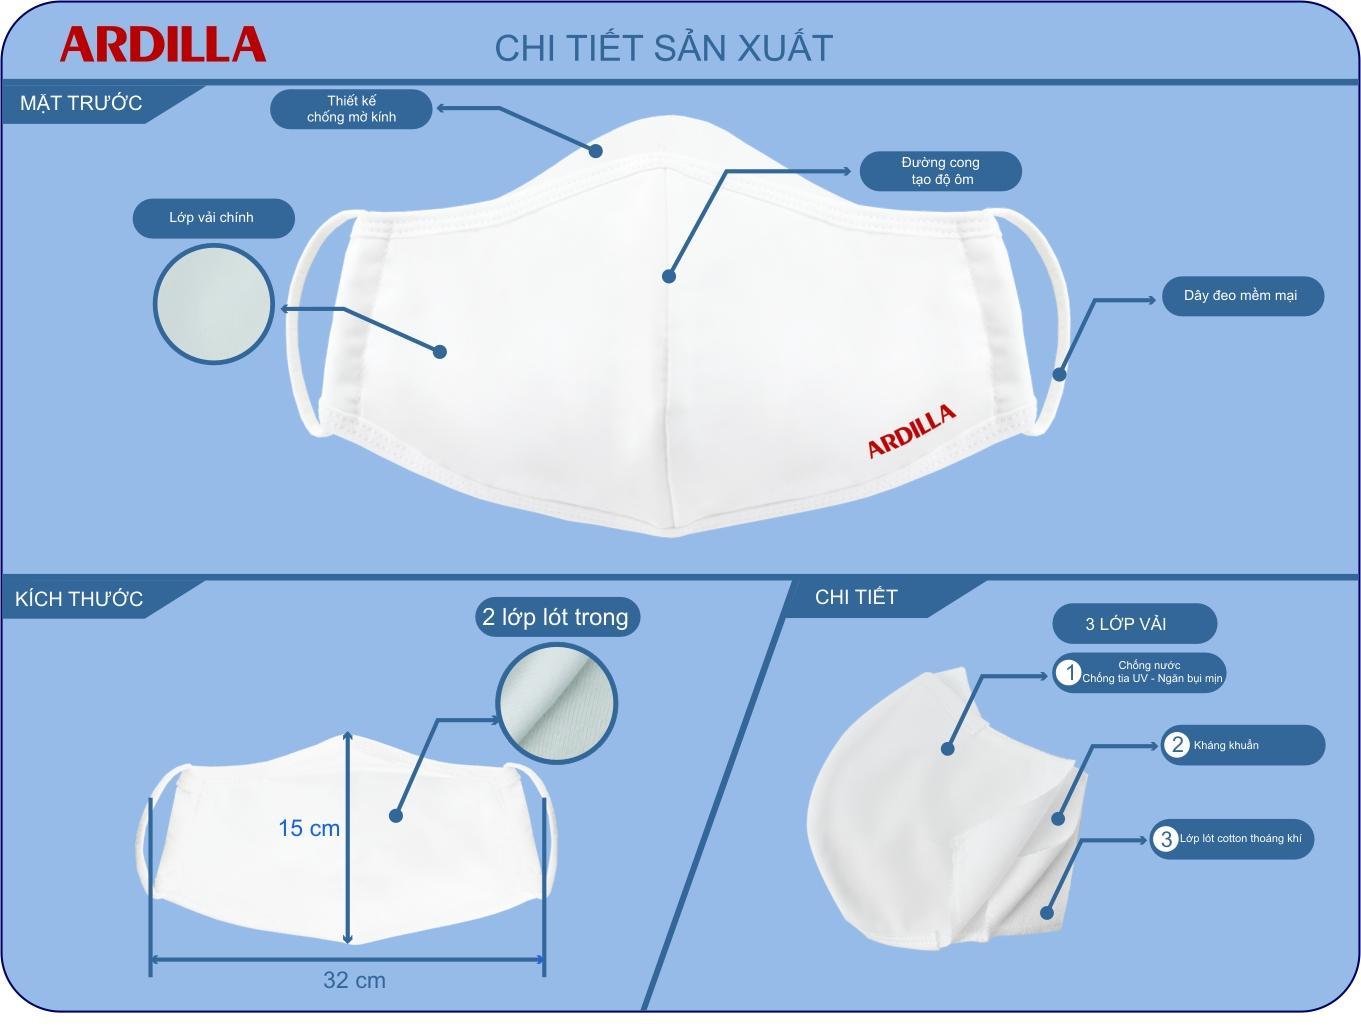 Khẩu Trang Vải Kháng Khuẩn ARDILLA 3 Lớp - Combo 3 Cái Màu Trắng